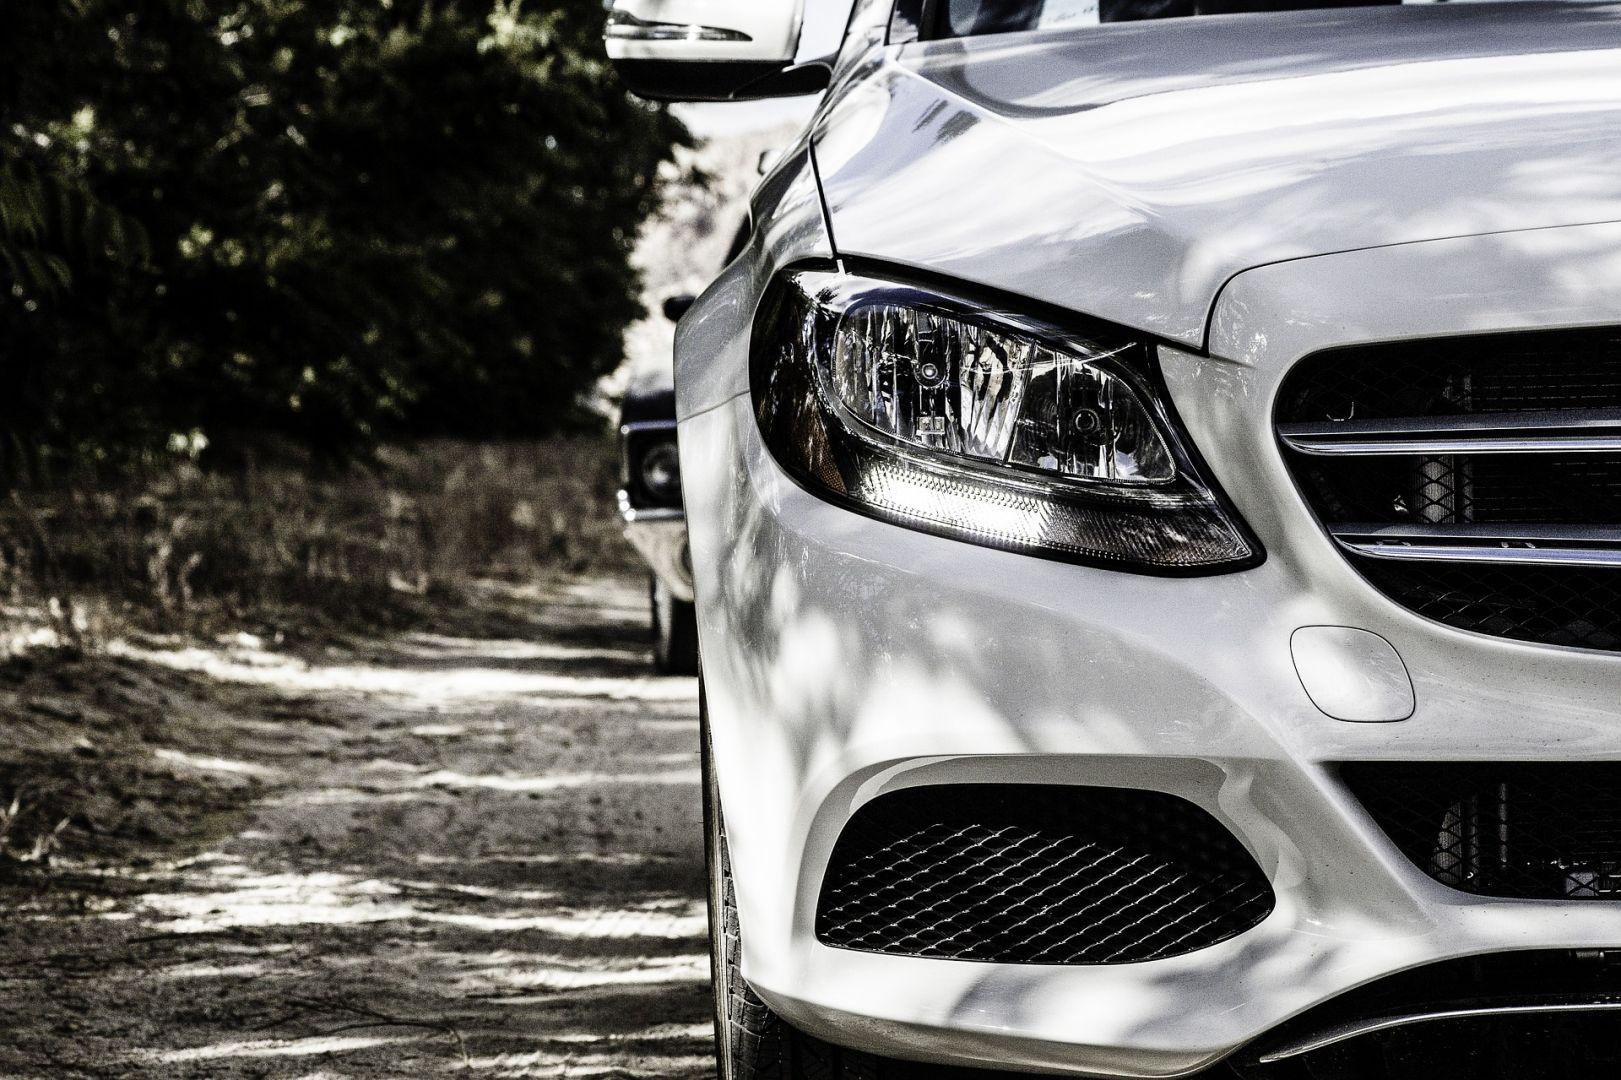 vente de voitures occasion Auriol - voiture neuve et d ...